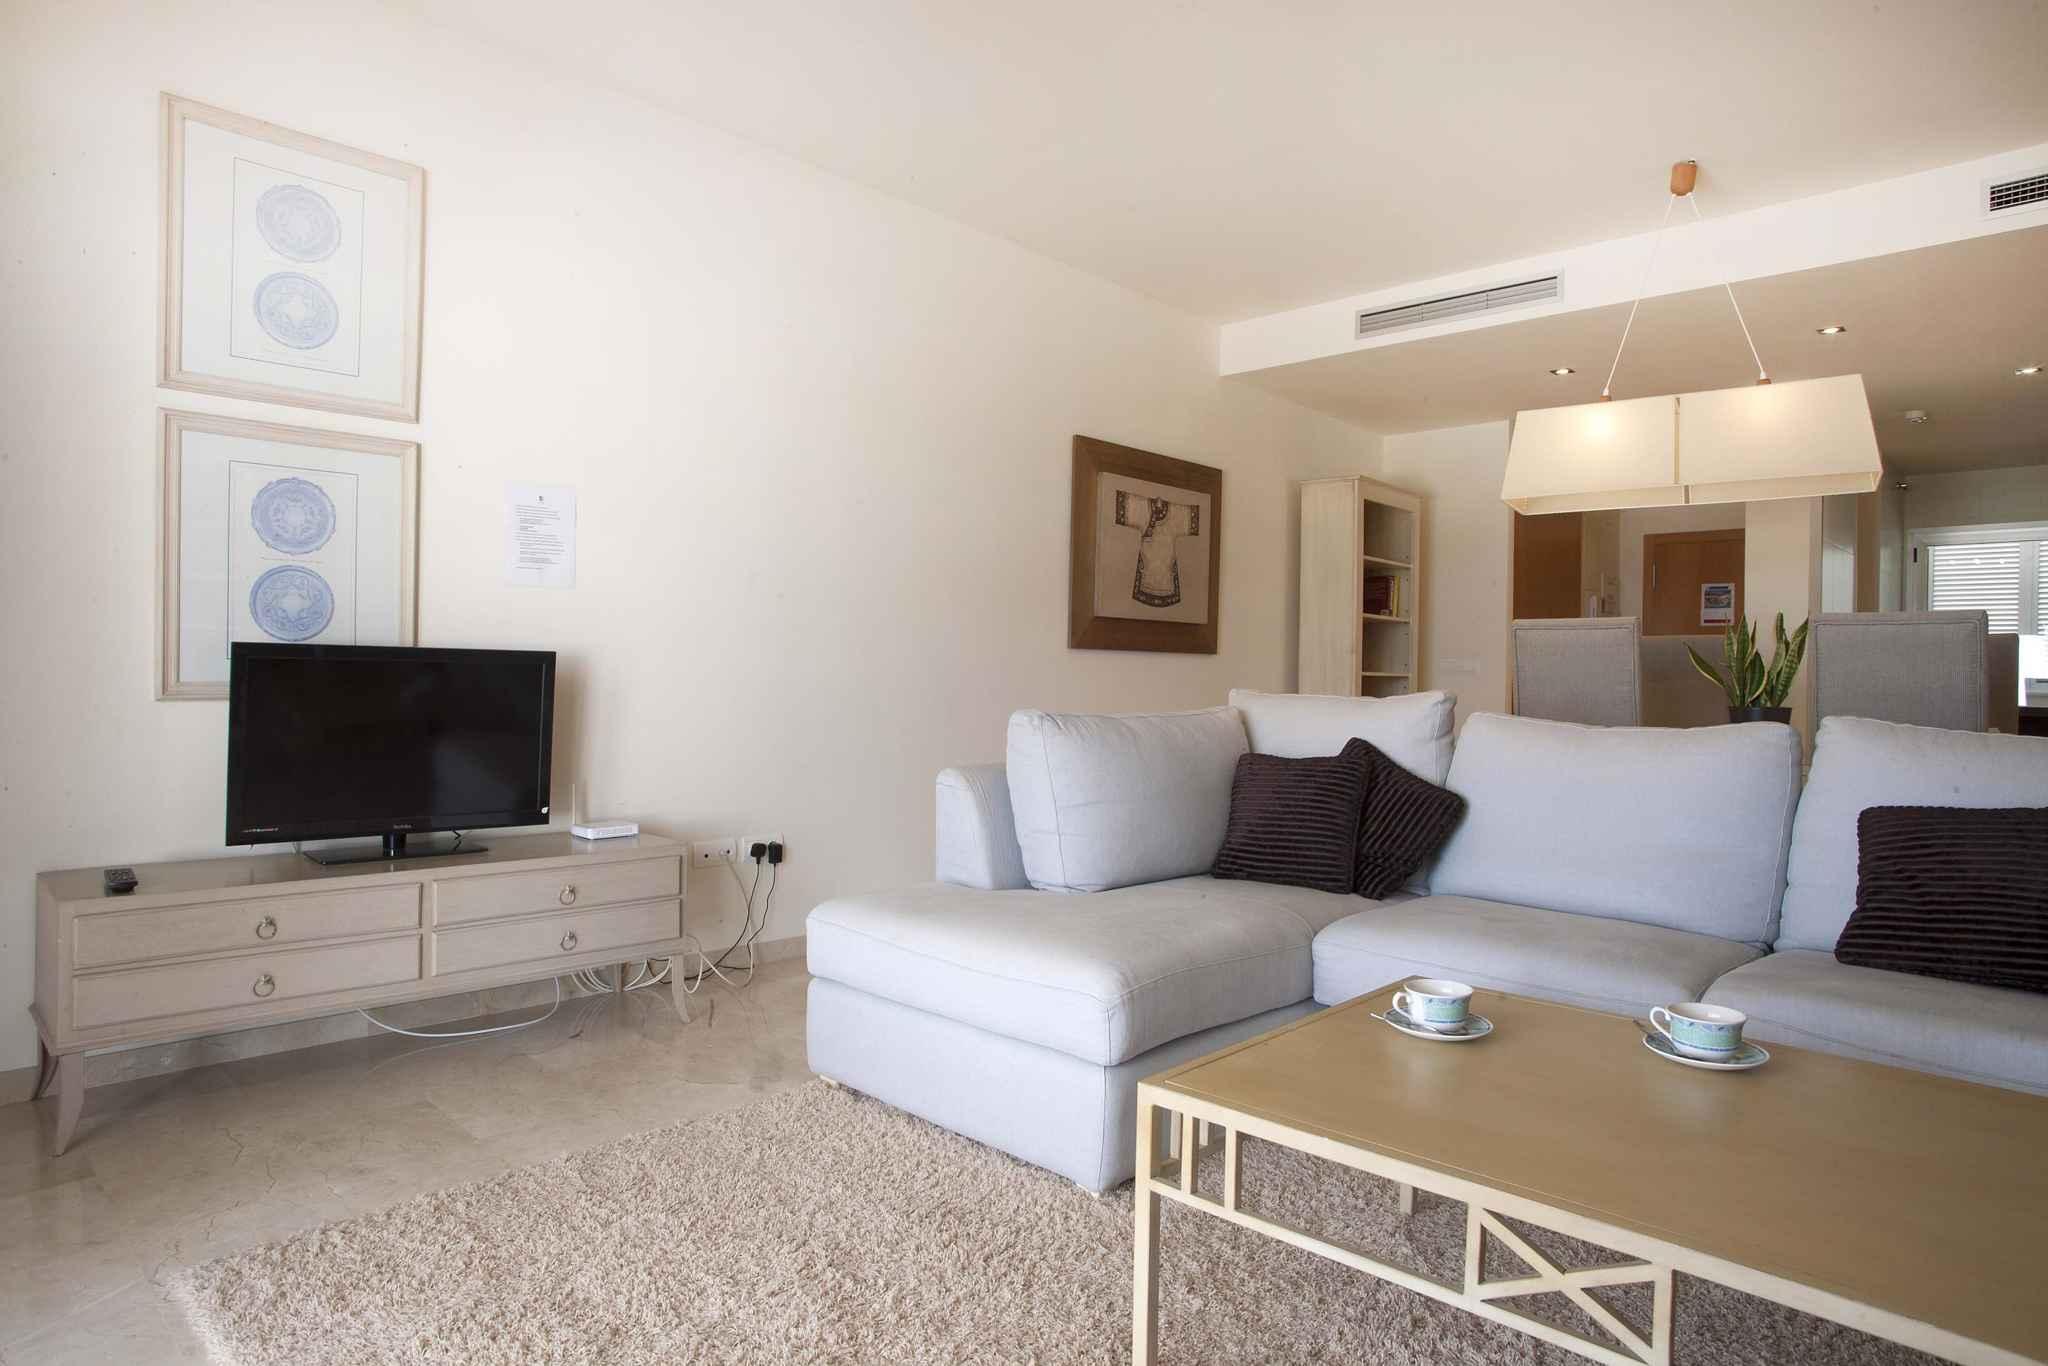 Ferienwohnung in Residence Bellavista (586751), Pego, Costa Blanca, Valencia, Spanien, Bild 22